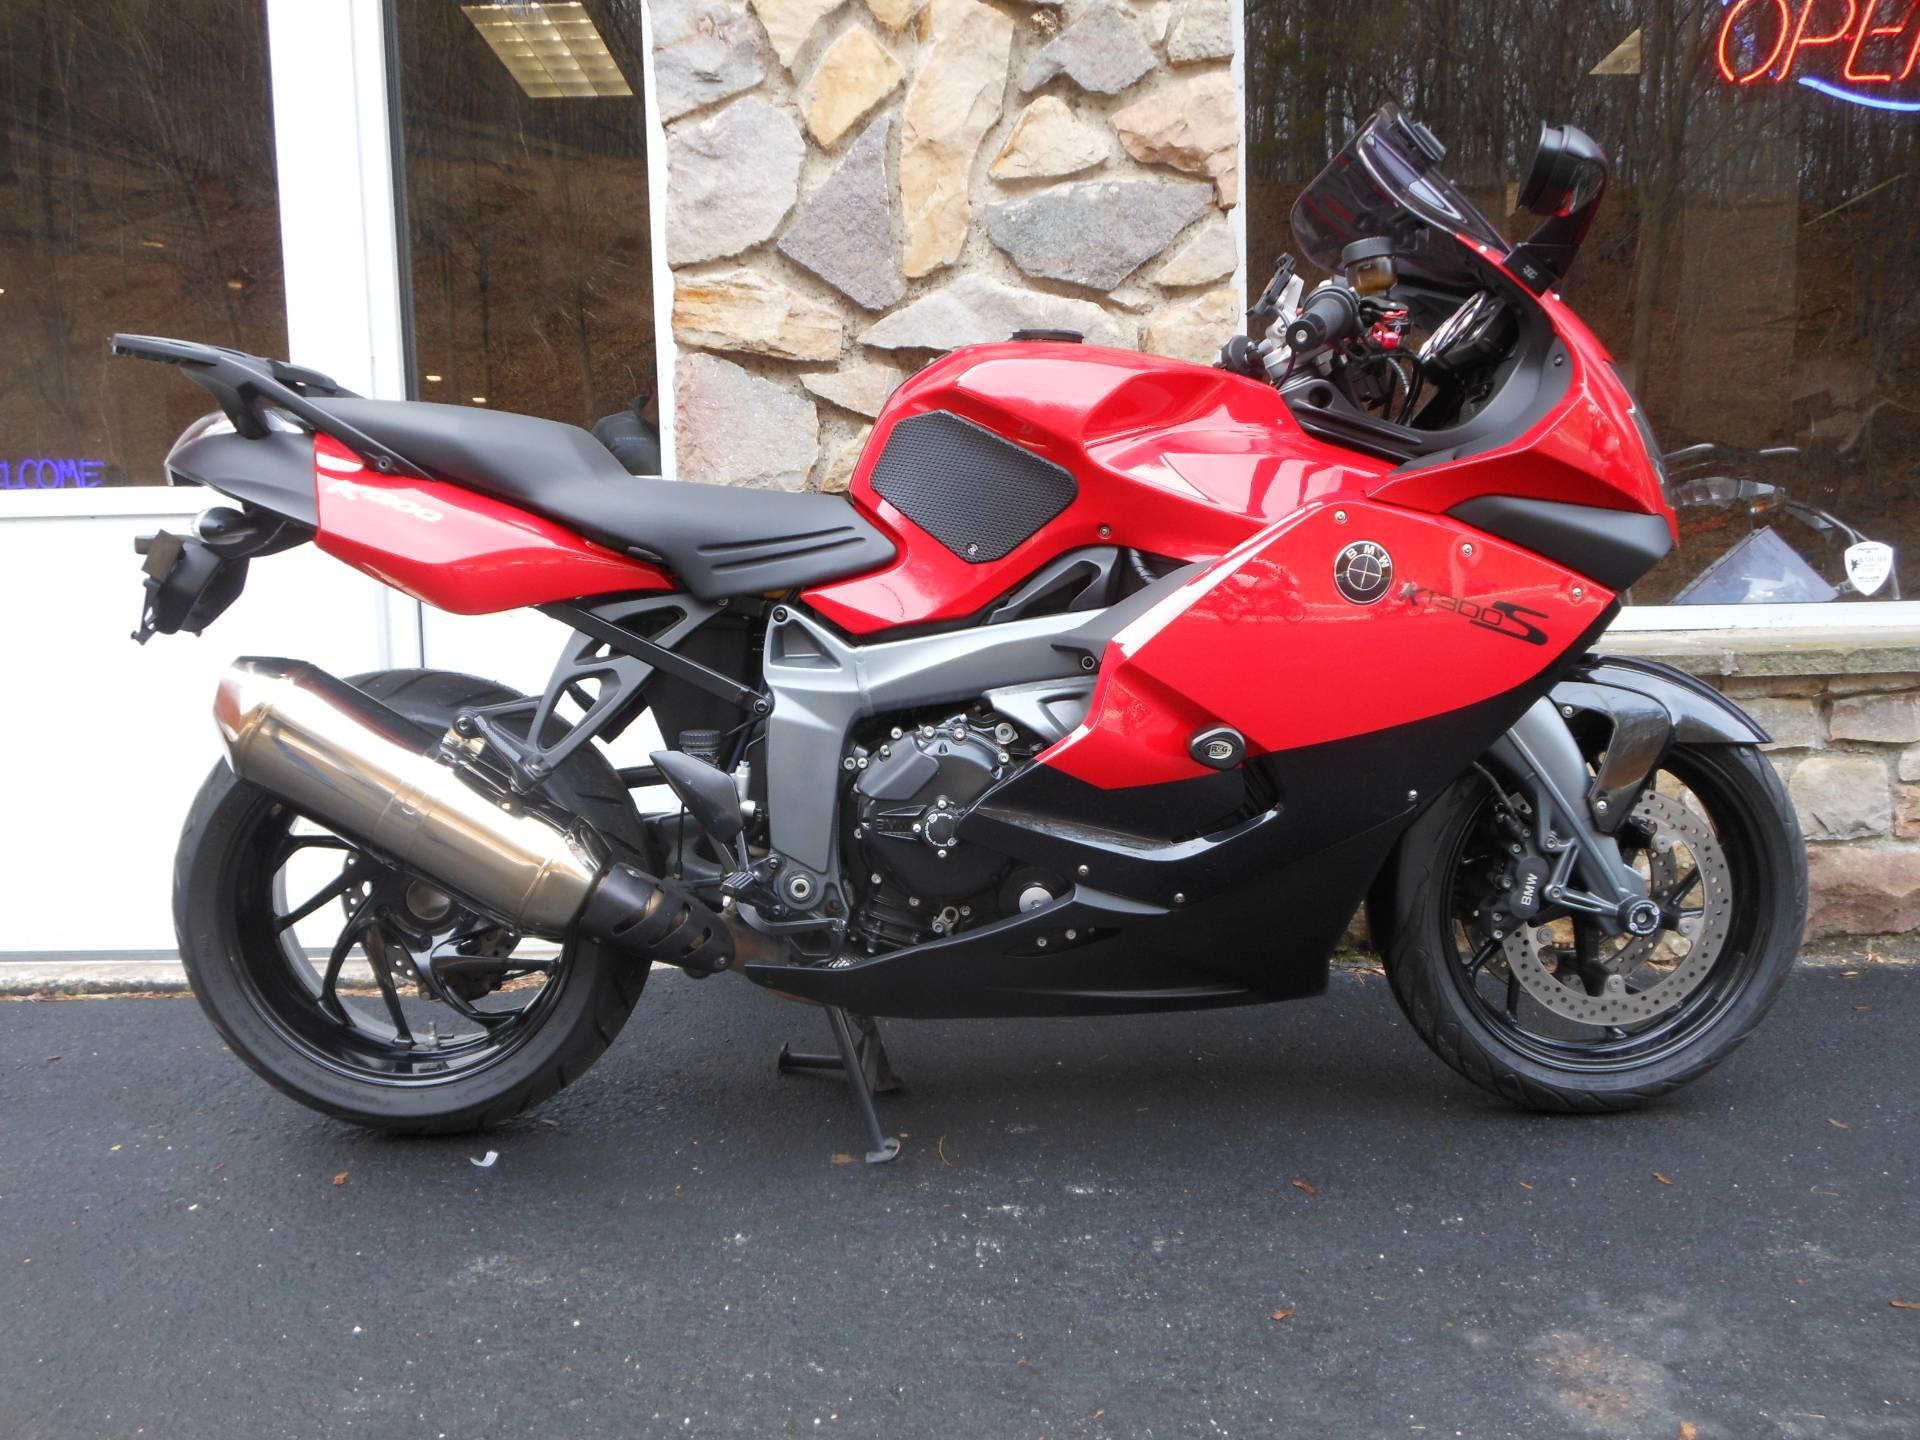 2011 Bmw K 1300 S Motorcycles Port Clinton Pennsylvania